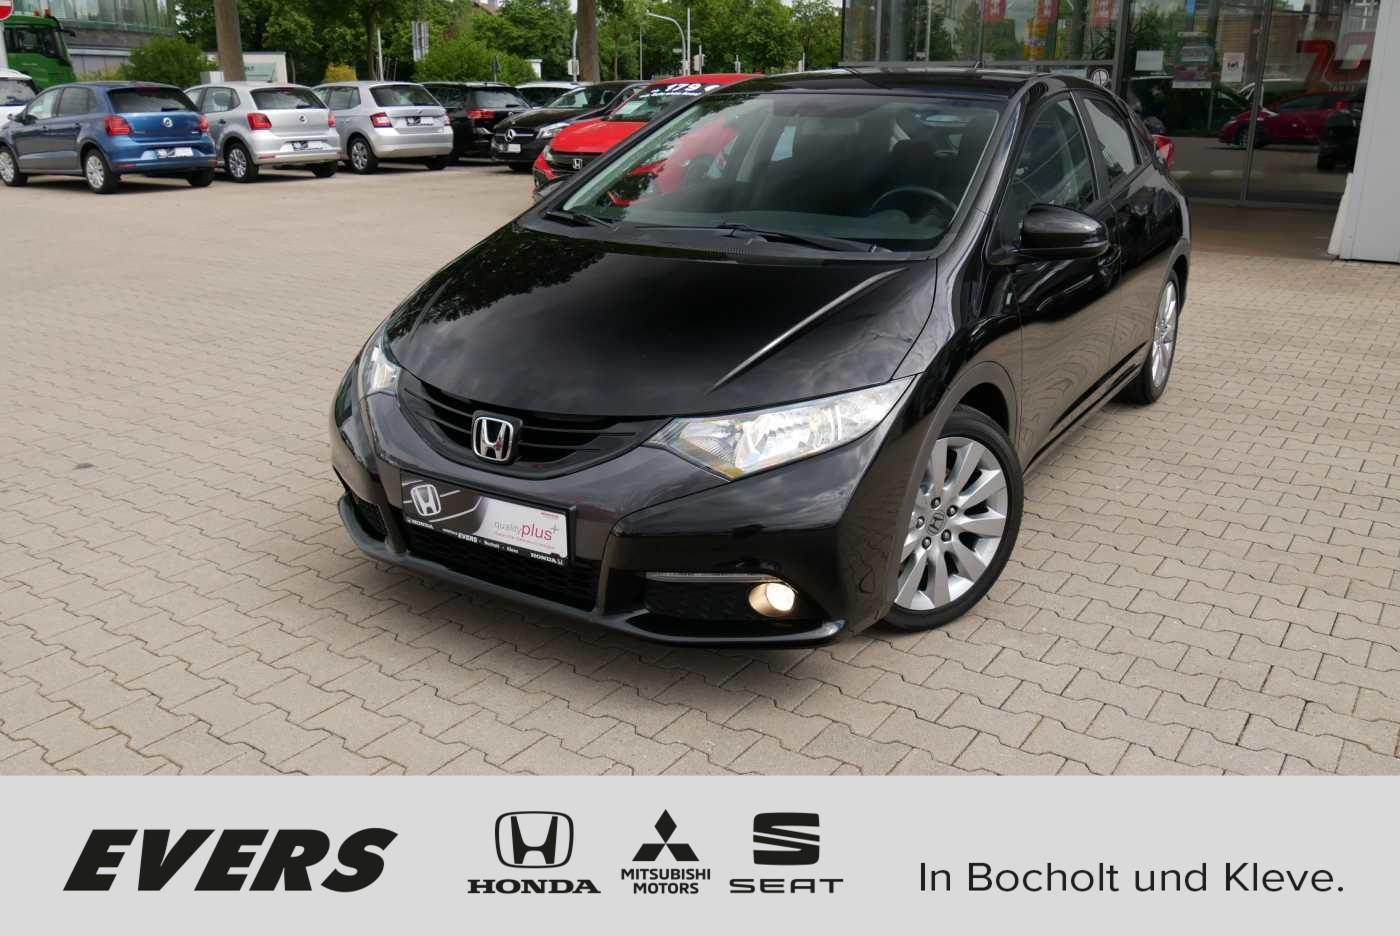 Honda Civic 1.8 i-VTEC SPORT 17Z.ALU+RÜCKFAHRKAMERA, Jahr 2013, Benzin